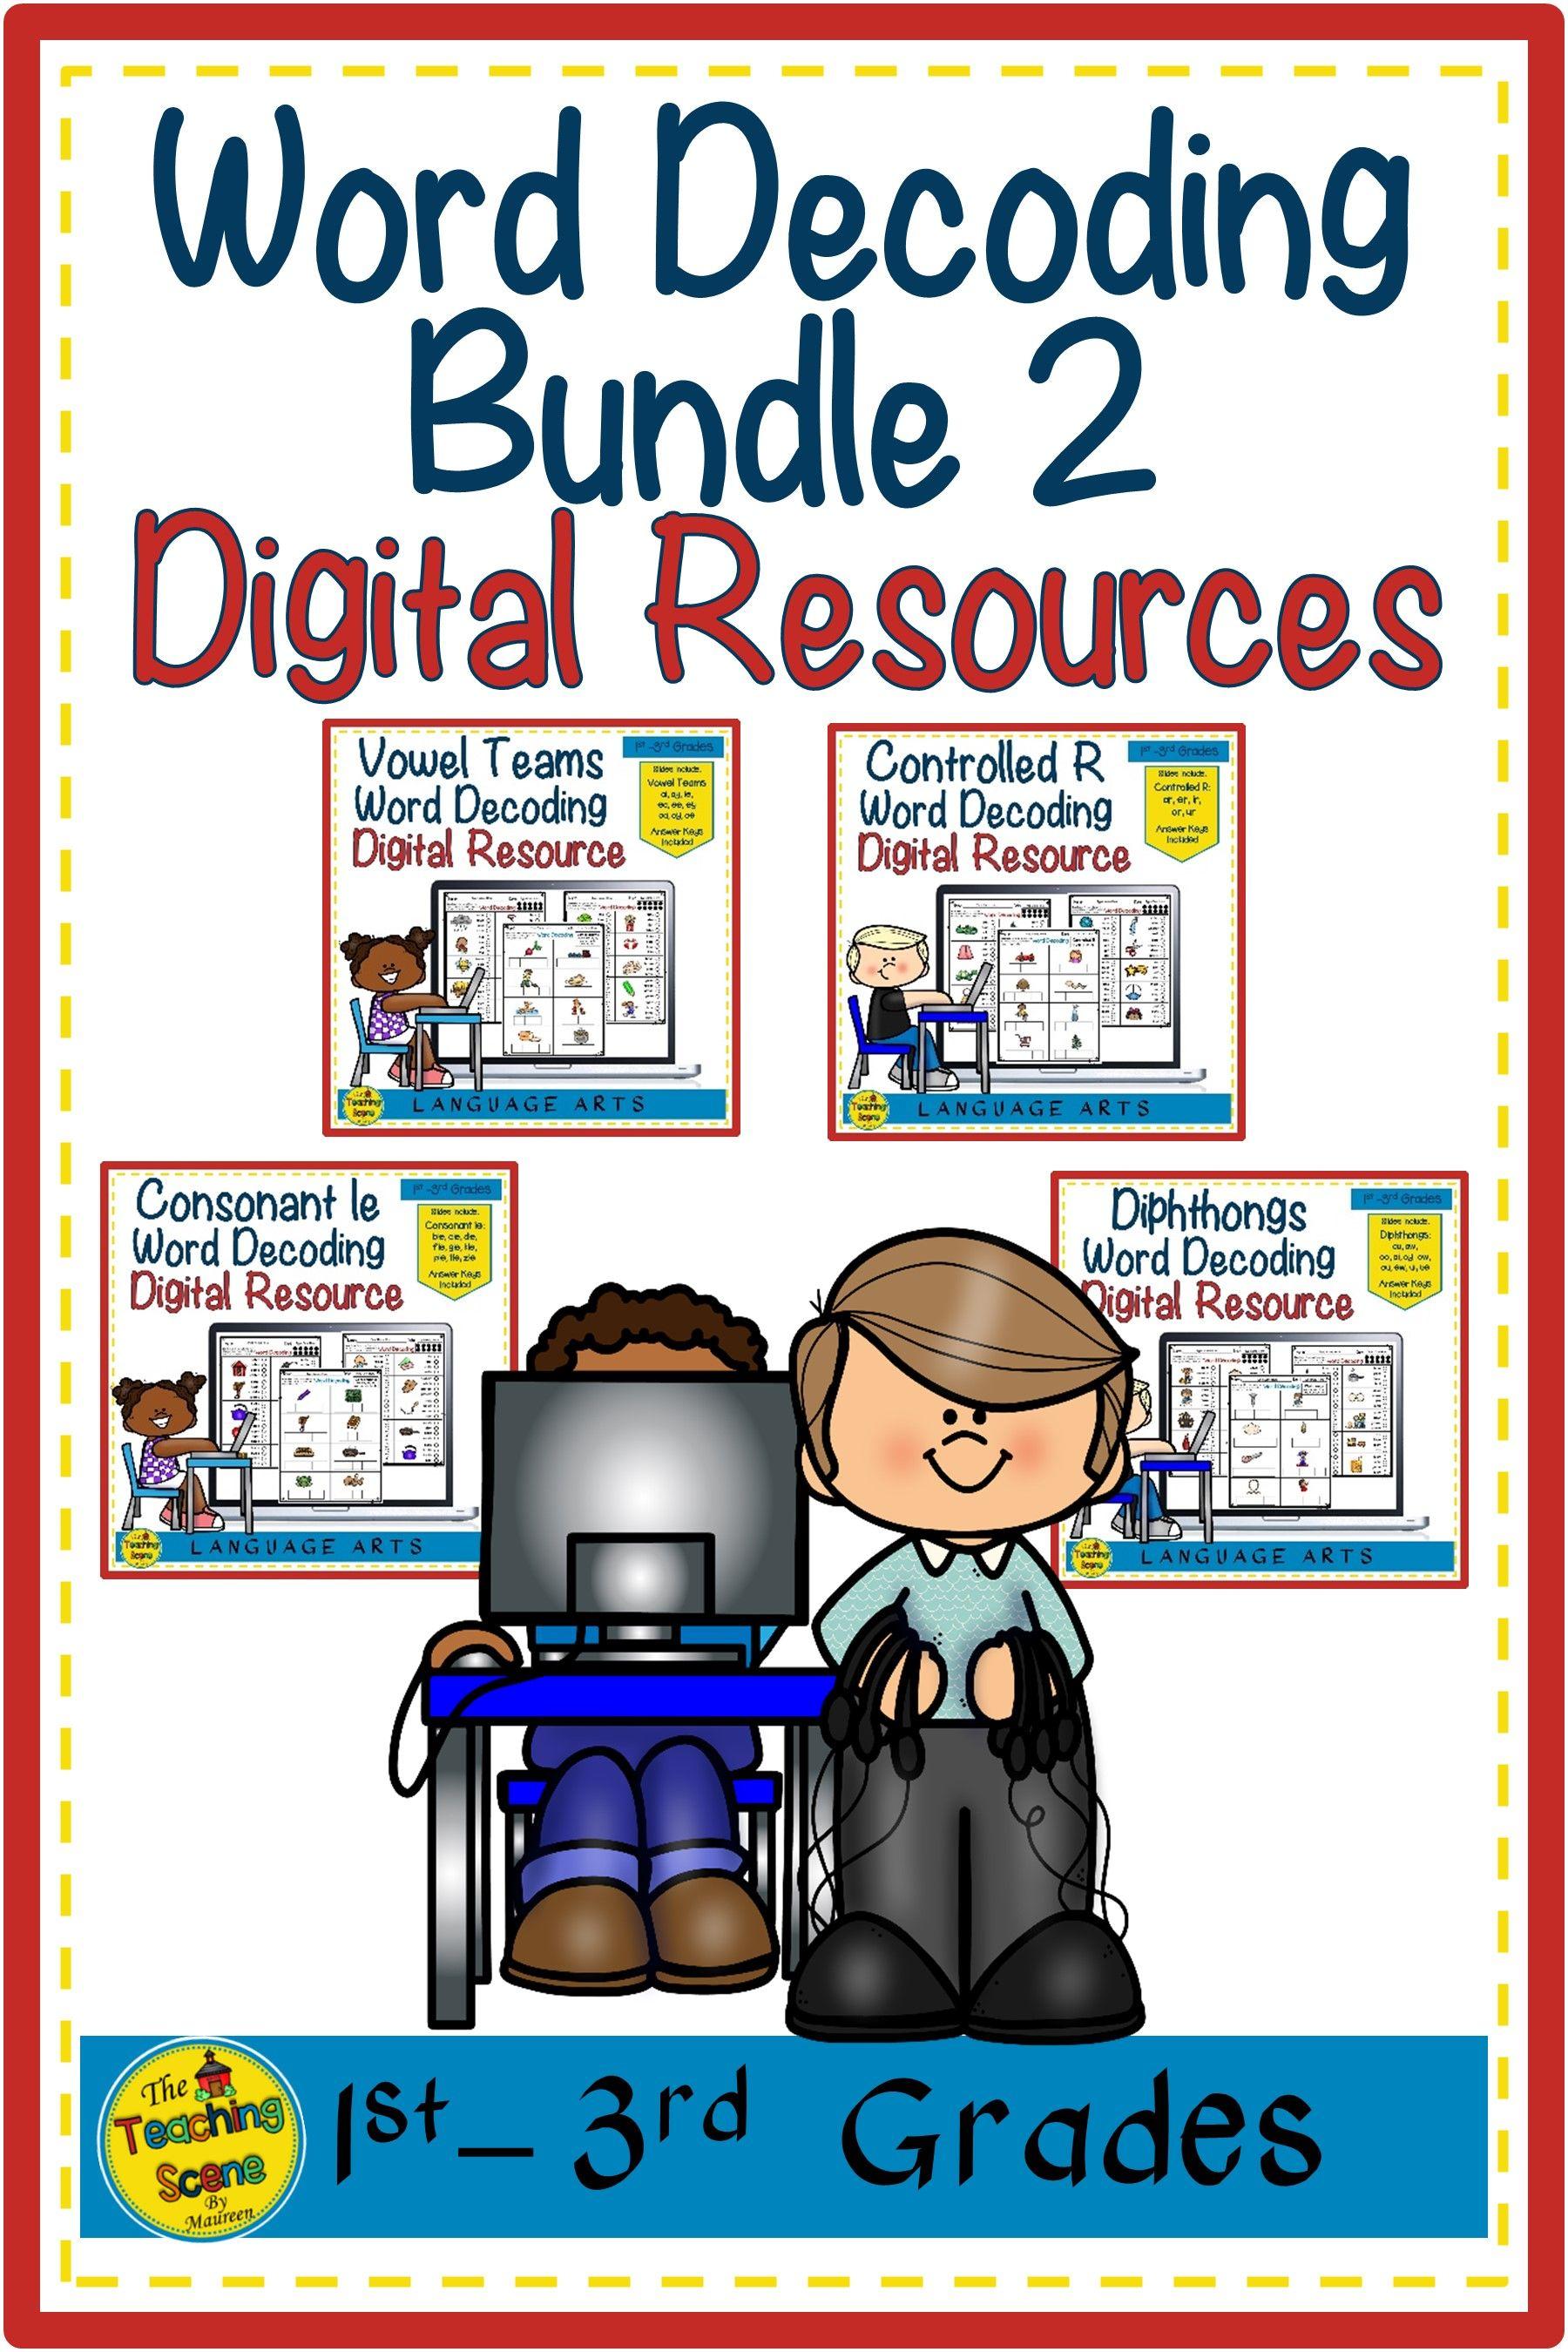 Digital Slides Word Decoding Bundle 2 Worksheets